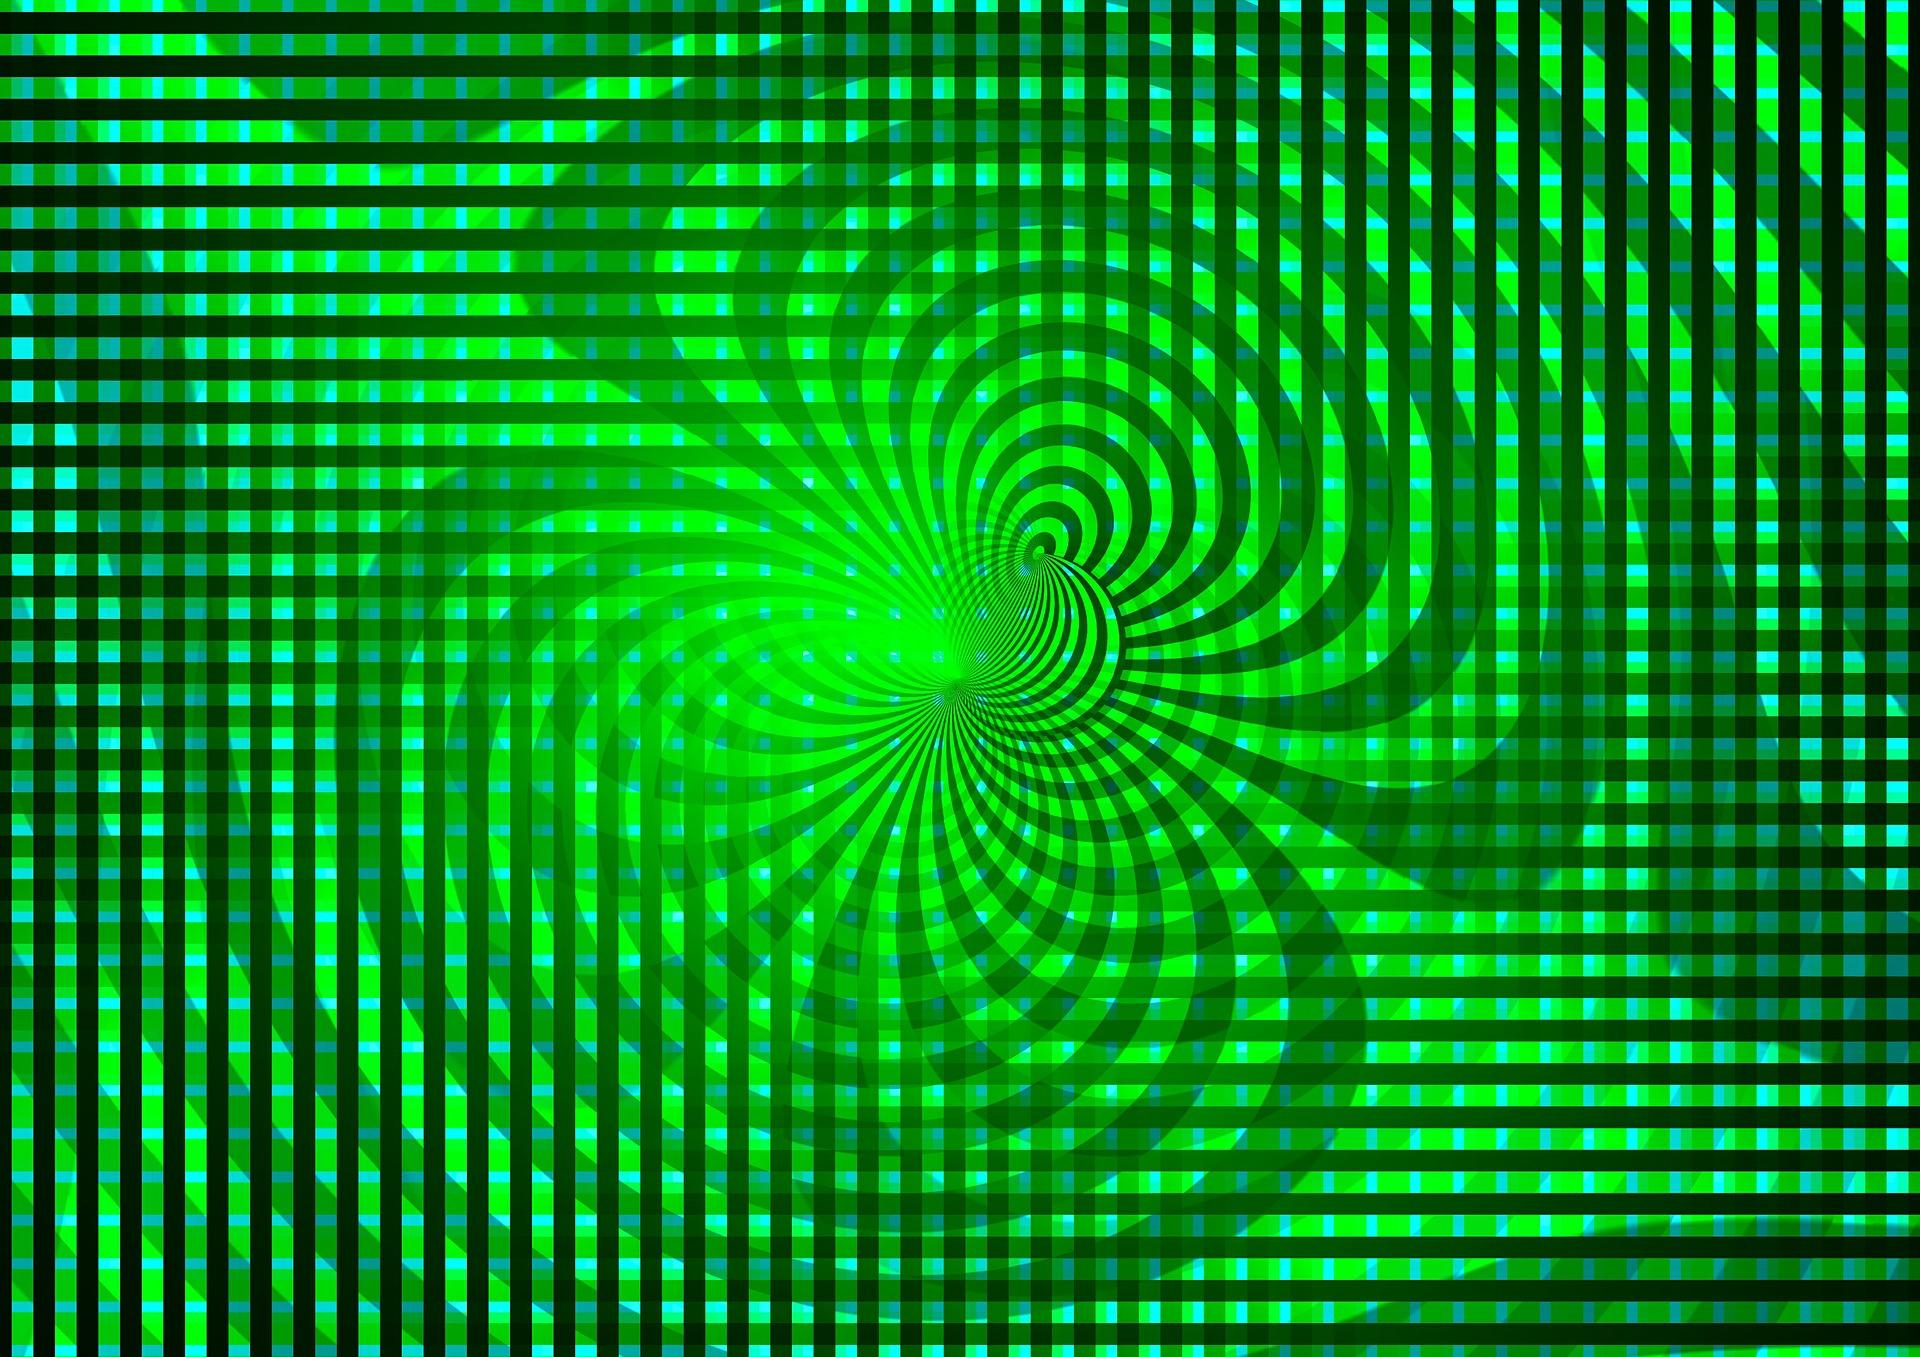 Untersuchung: Fast alle Geimpften zeigten eine elektromagnetische Wirkung